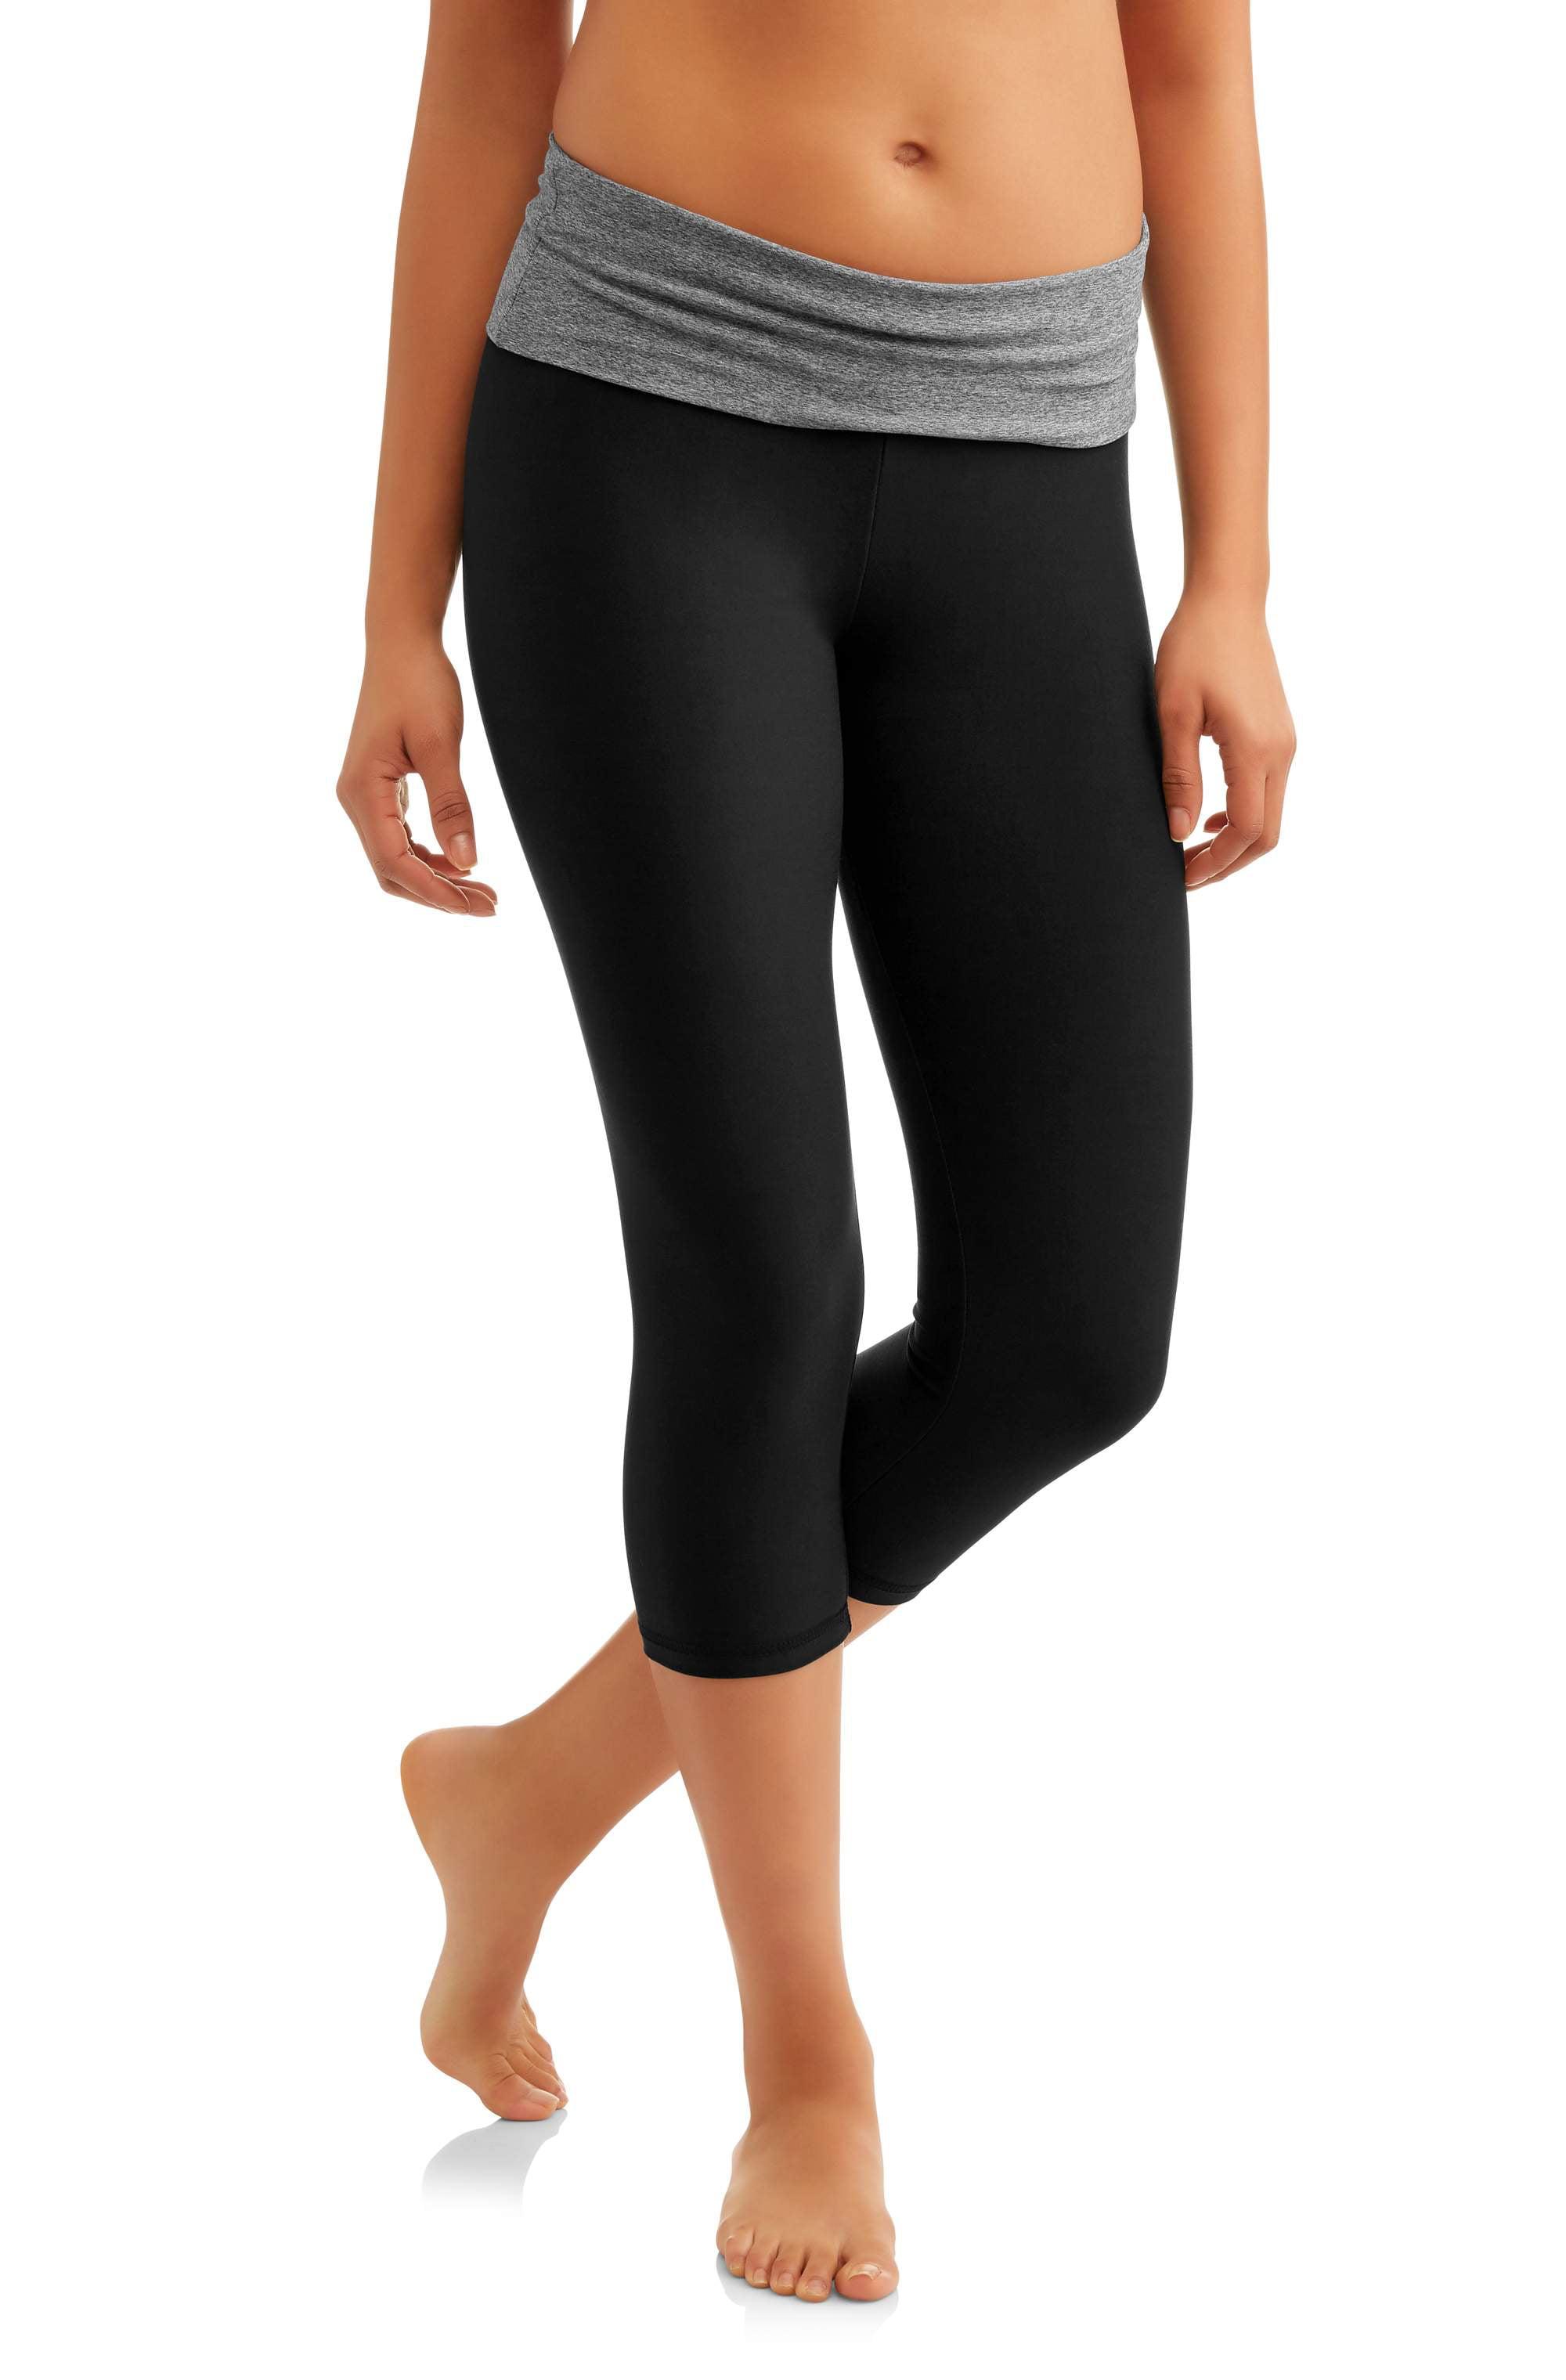 628df399a1a9b Juniors' Essential Skinny Capri Yoga Pants – Walmart Inventory ...